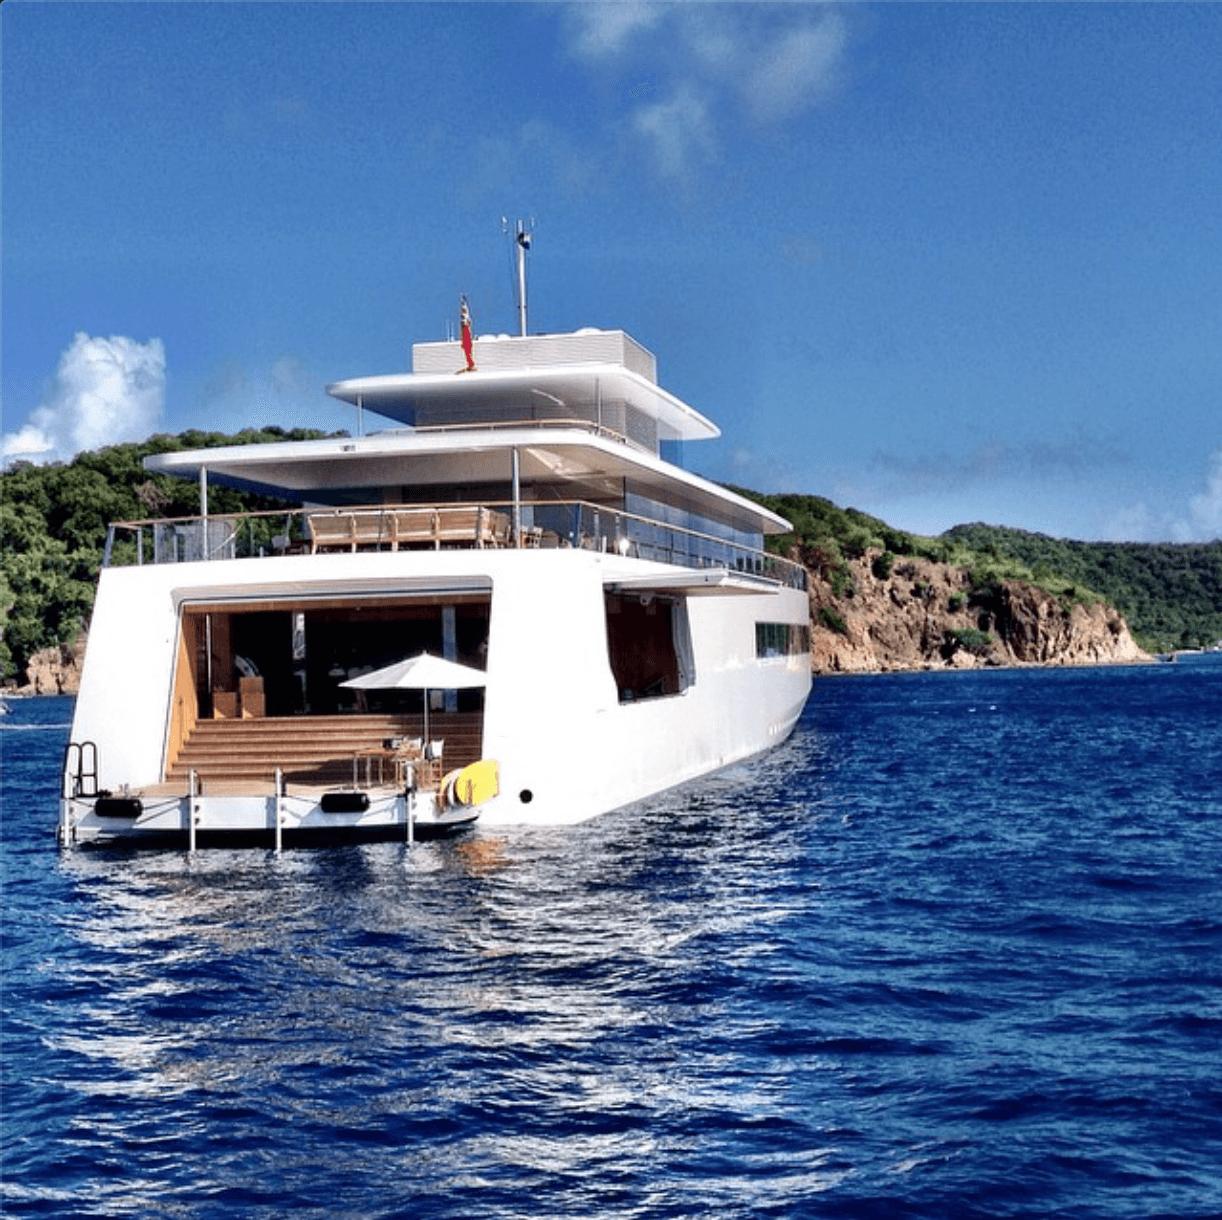 Yacht Steve Jobs